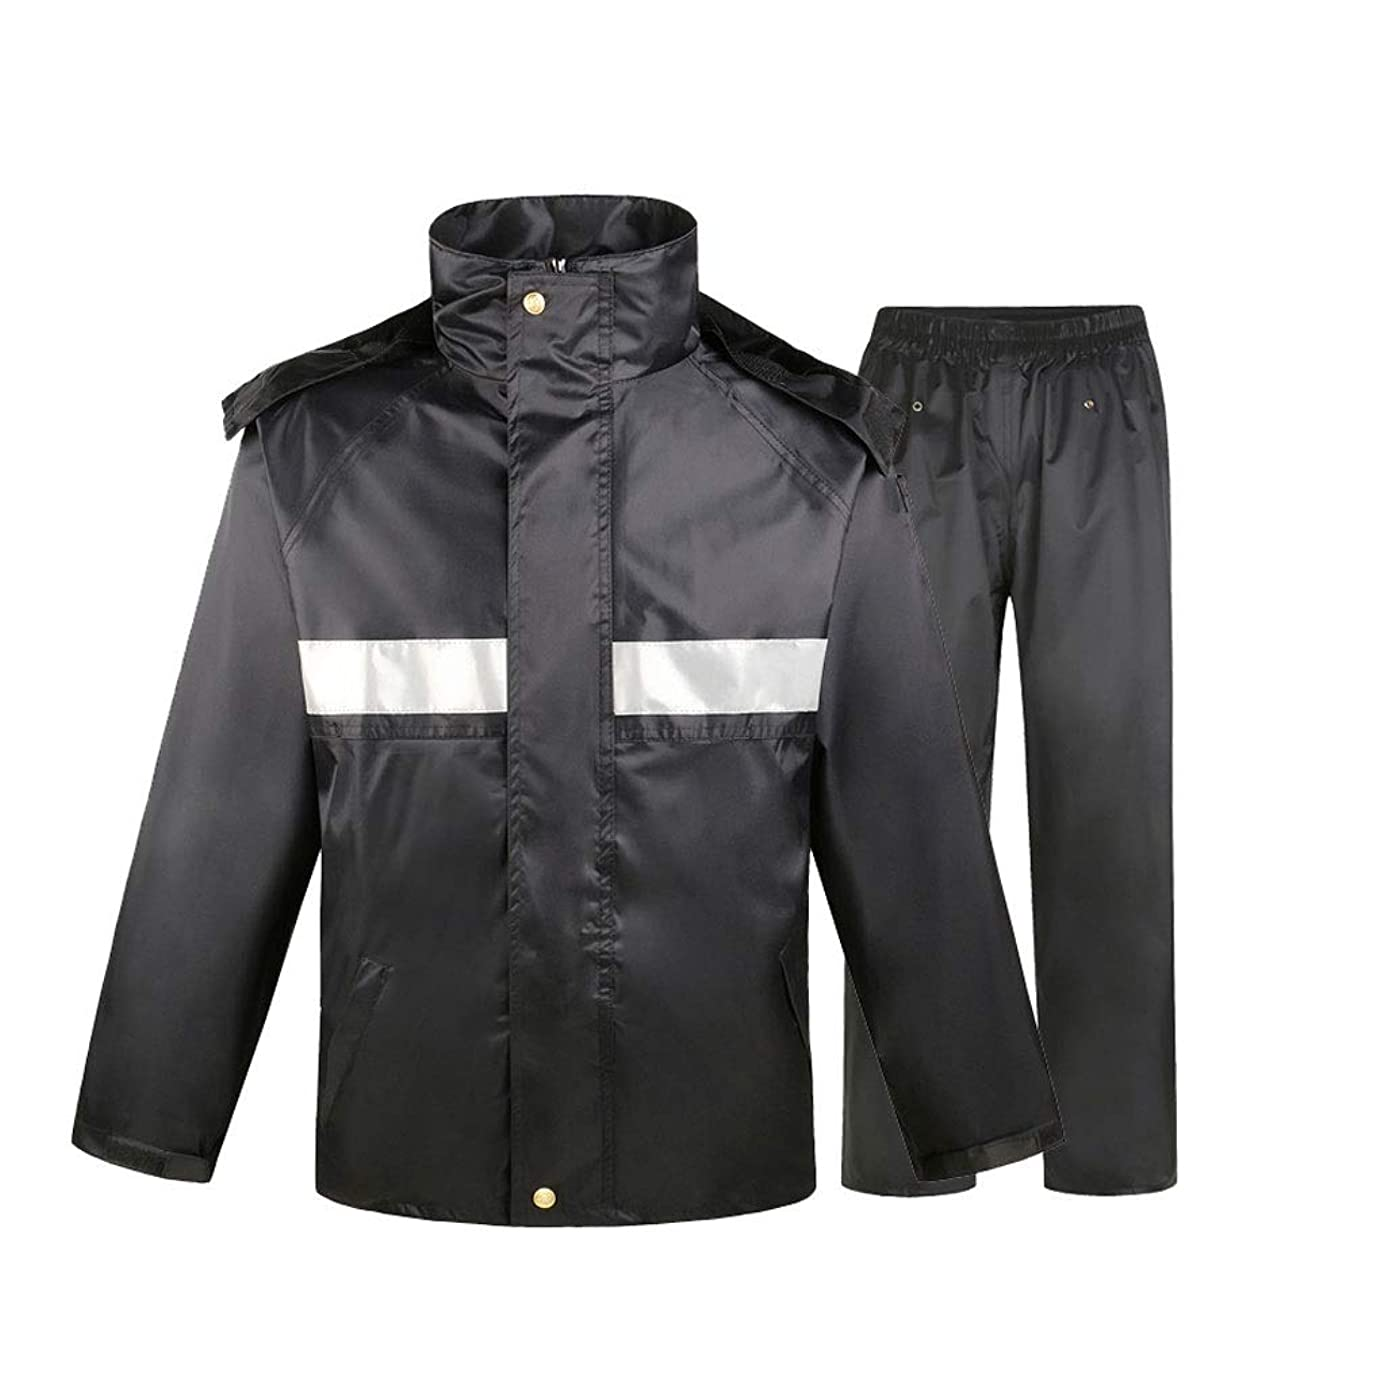 削除する穏やかな現れるBFQY 安全レインジャケット、キャップ付き高視認性防水レインコート、防水および防風加工レインコート、マルチサイズ (Size : L)